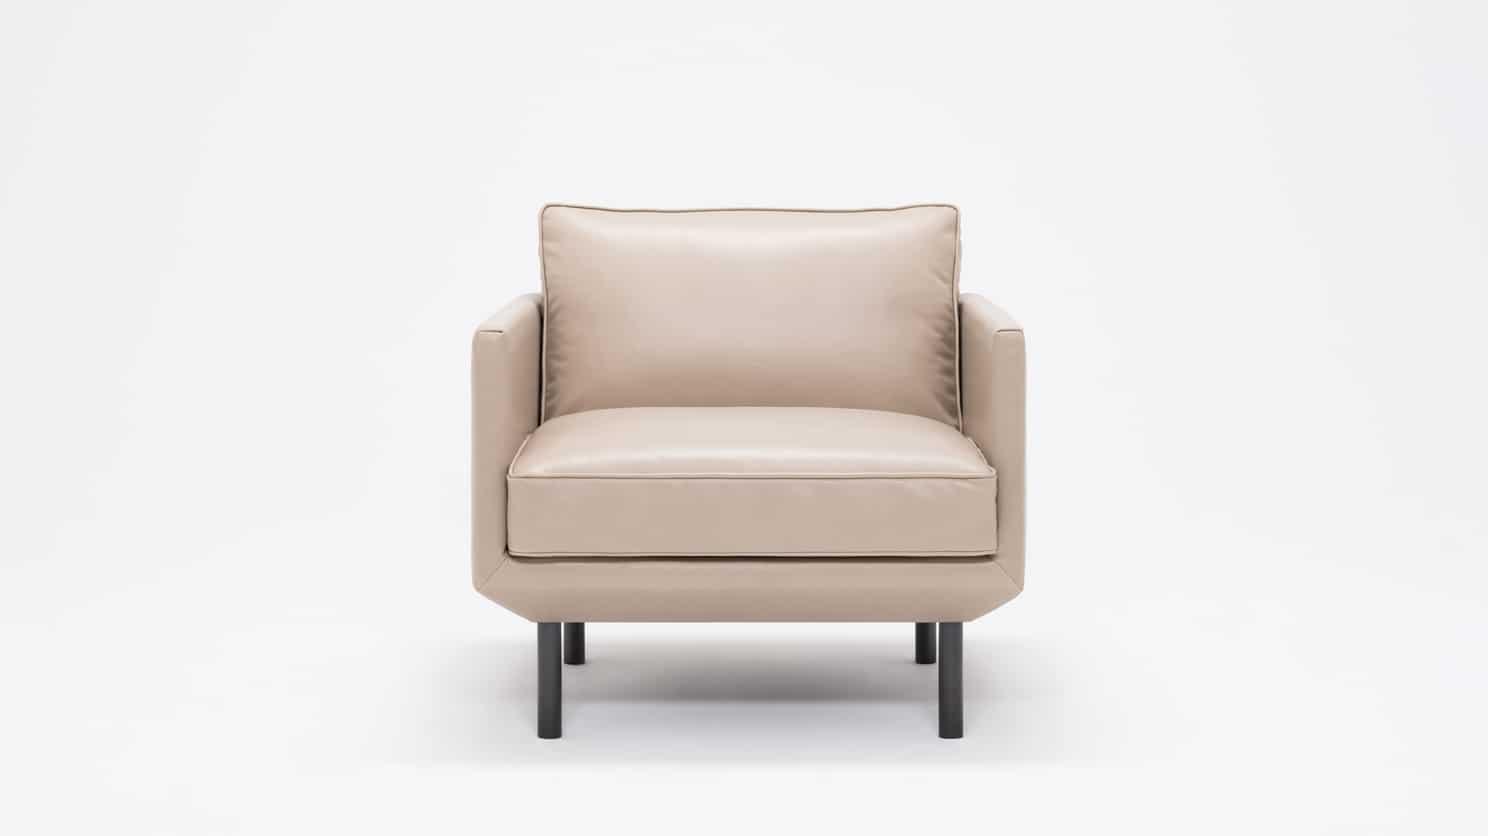 plateau club chair feather coachella warm grey front 02